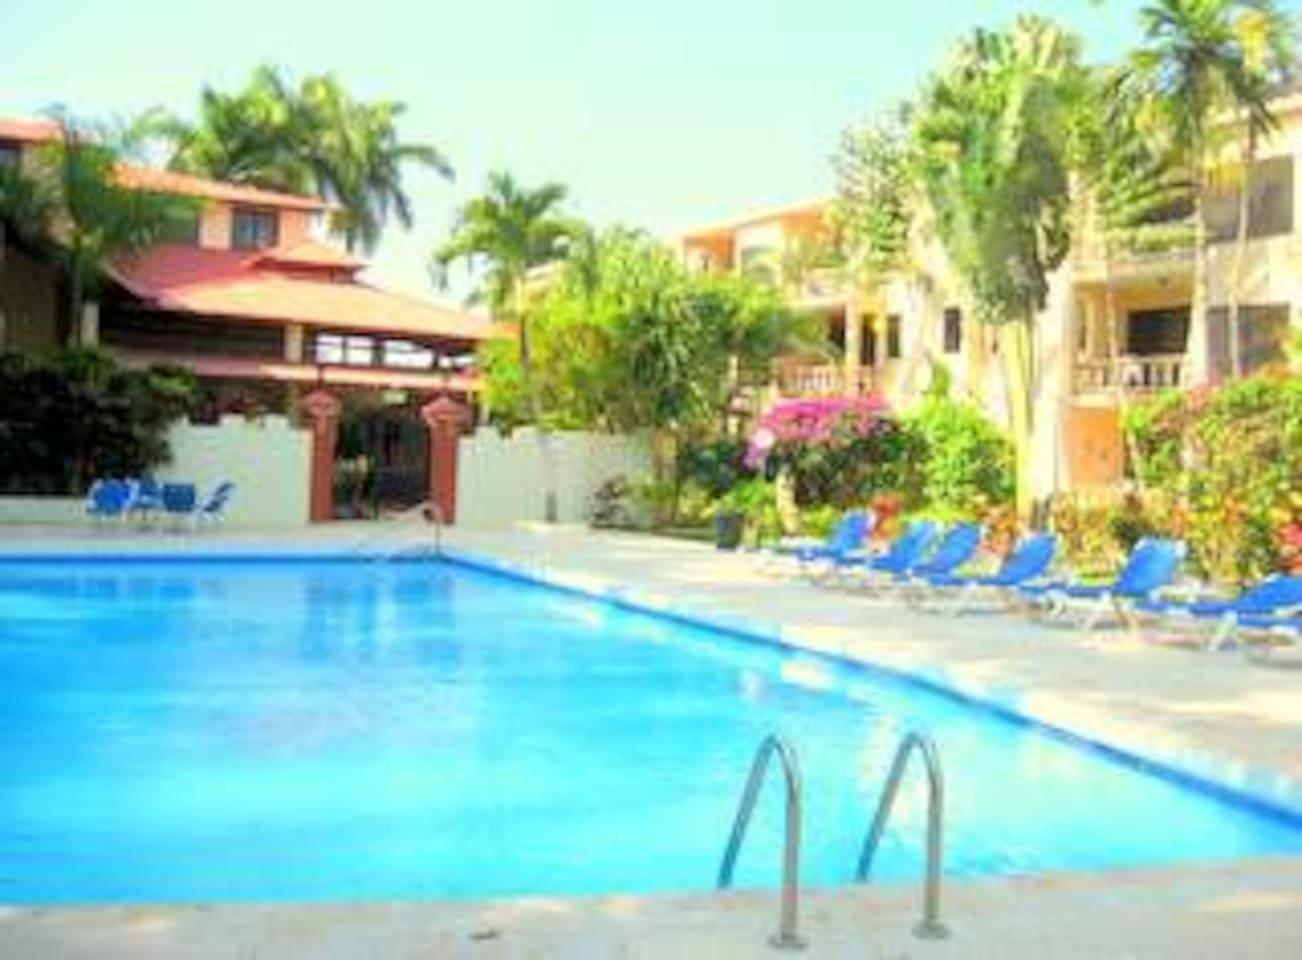 Swimming pool at Cita Del Sol